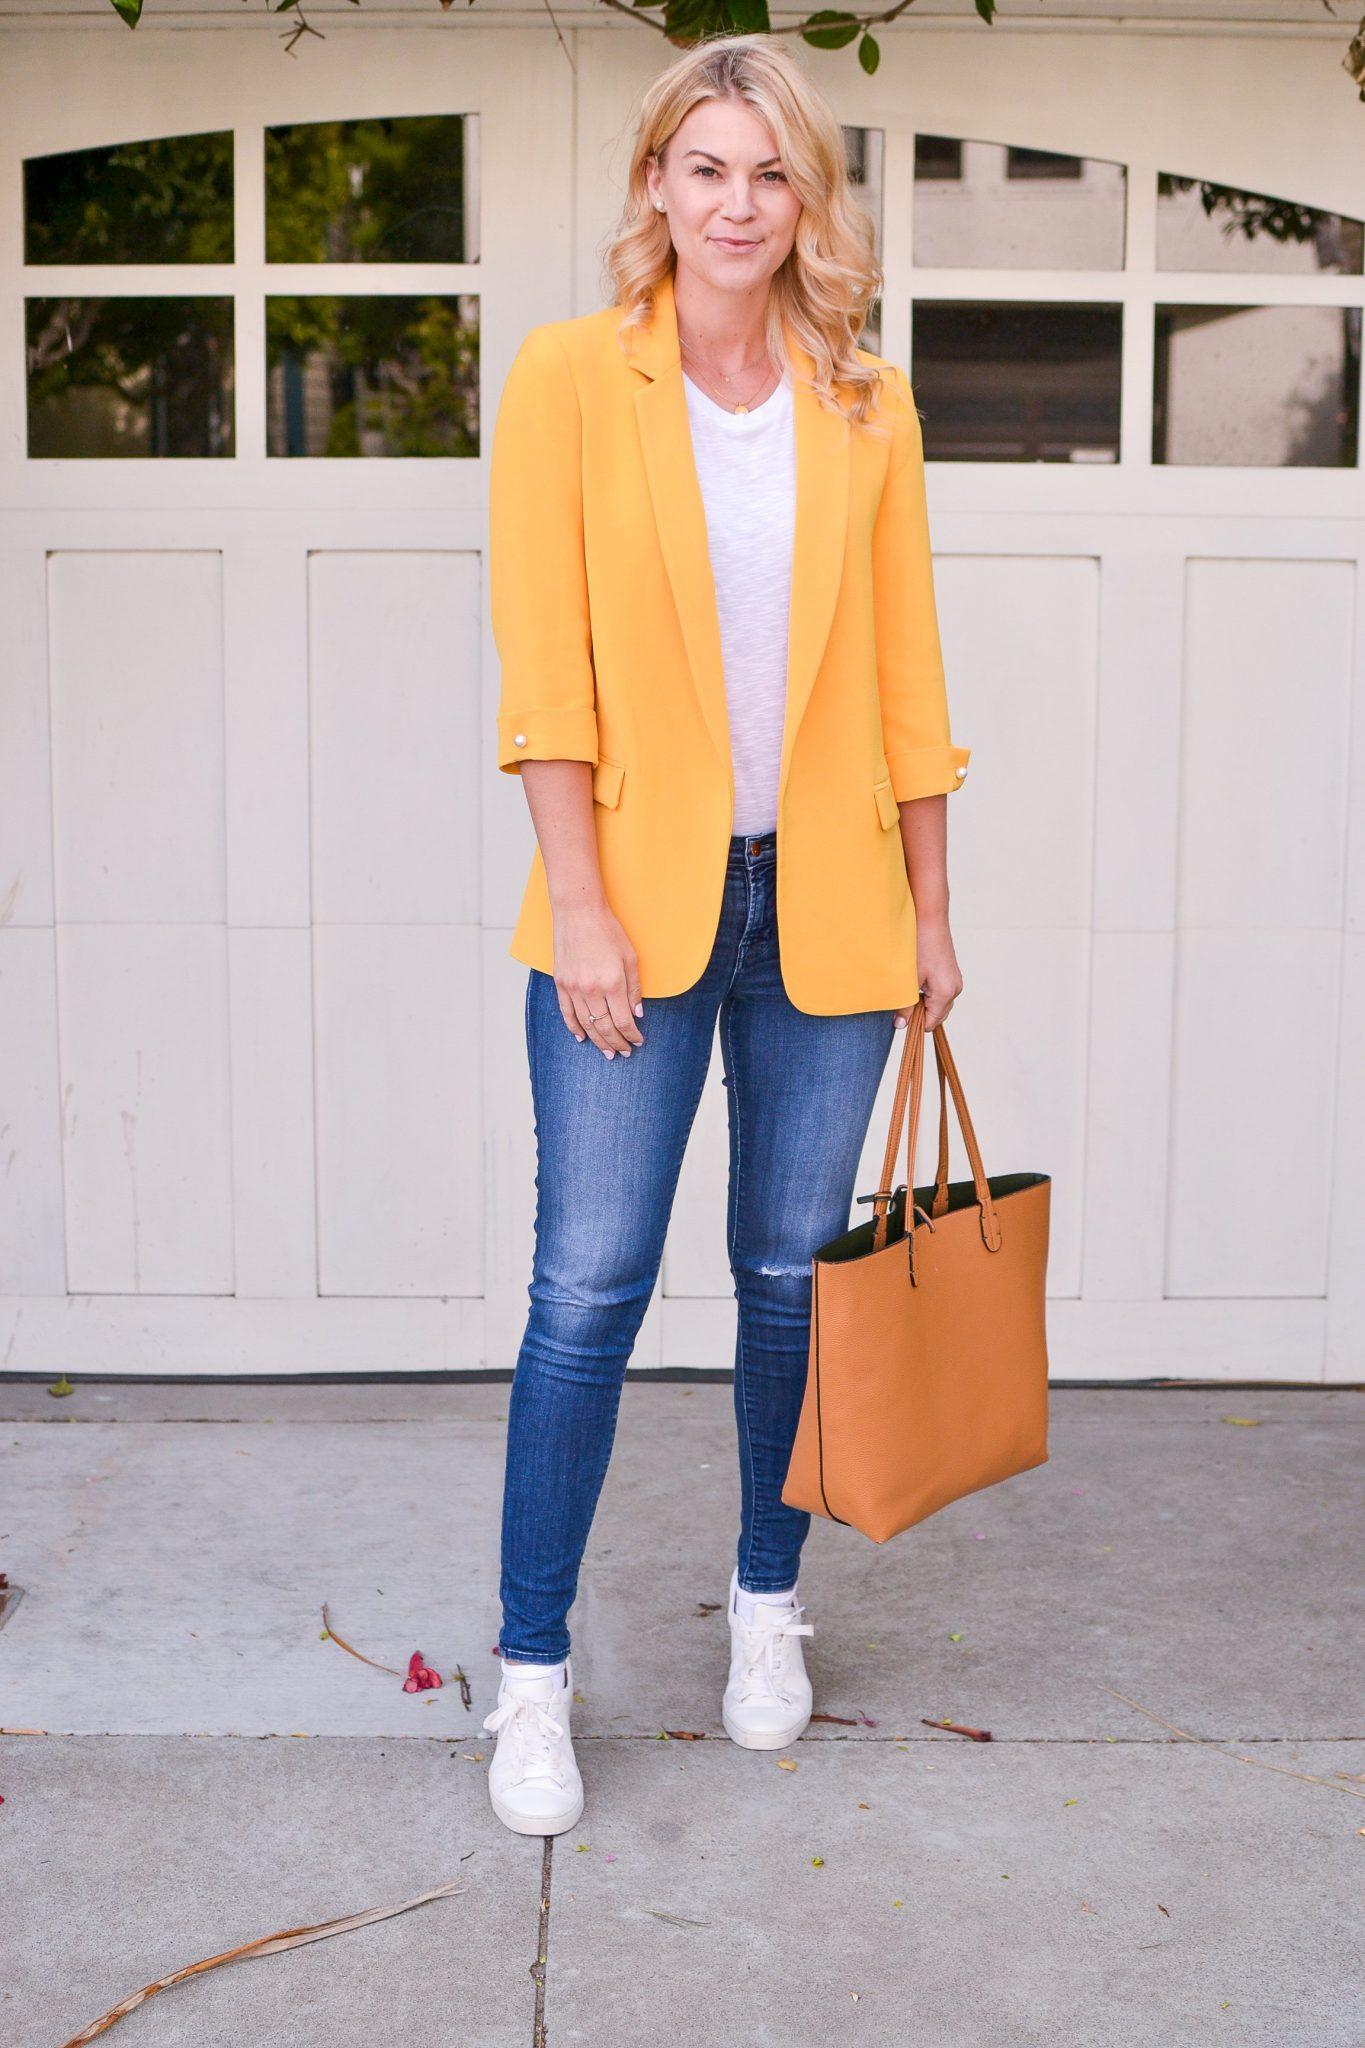 yellow blazer white tee outfit